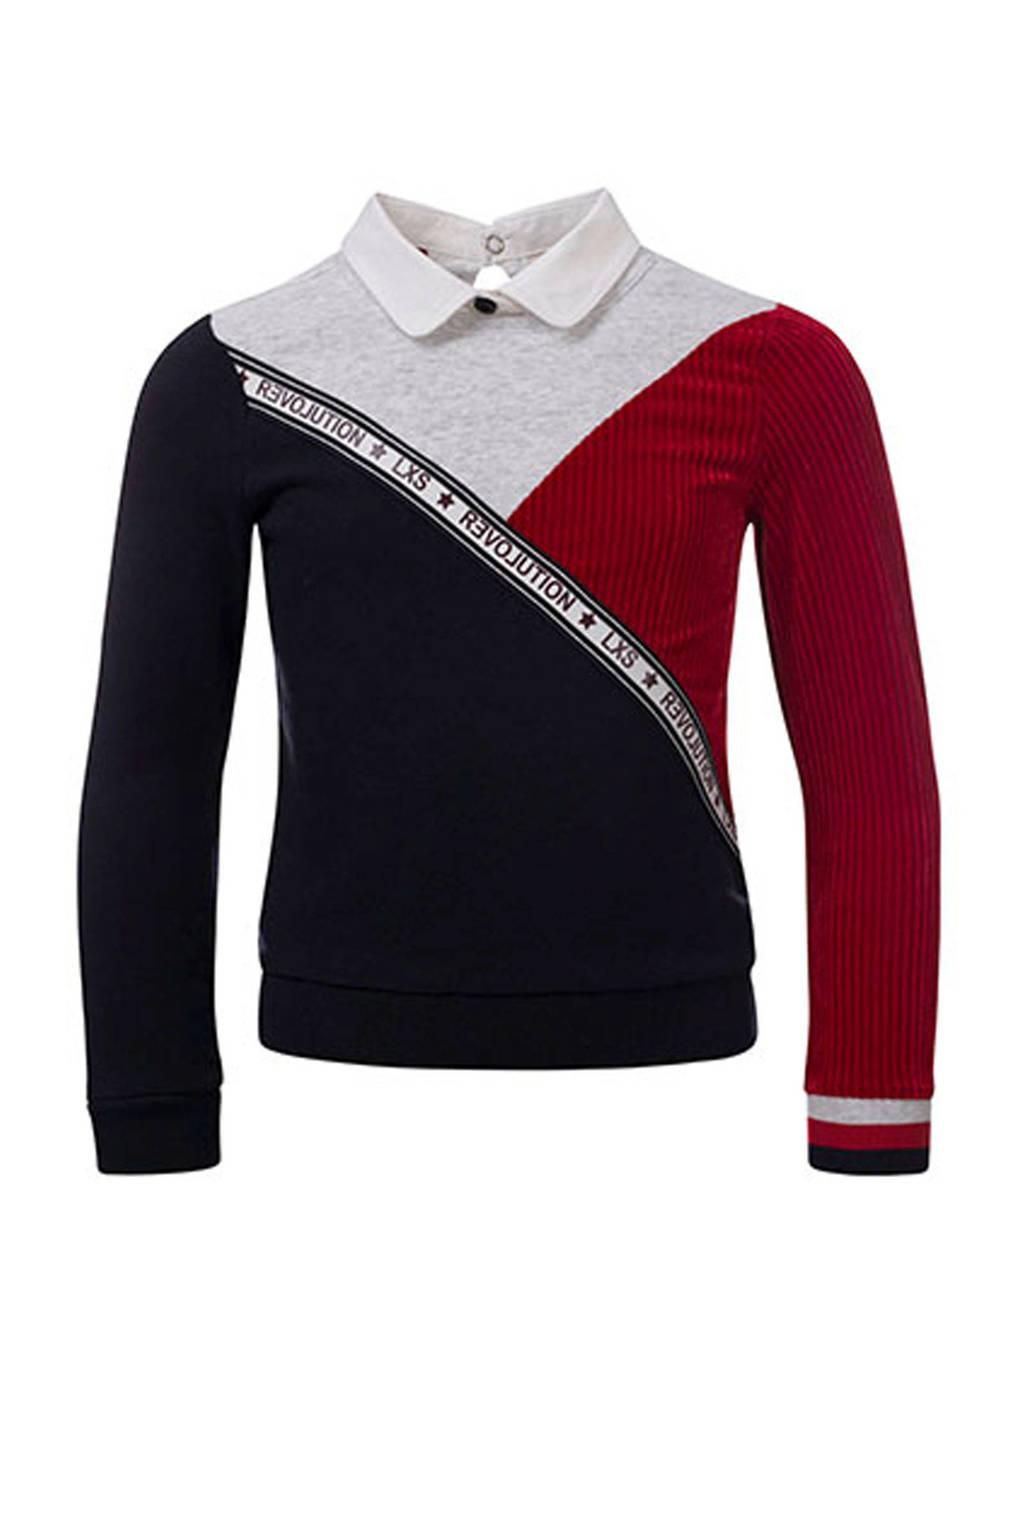 LOOXS fluwelen sweater met kraagje, Rood/ licht grijs melange/ zwart